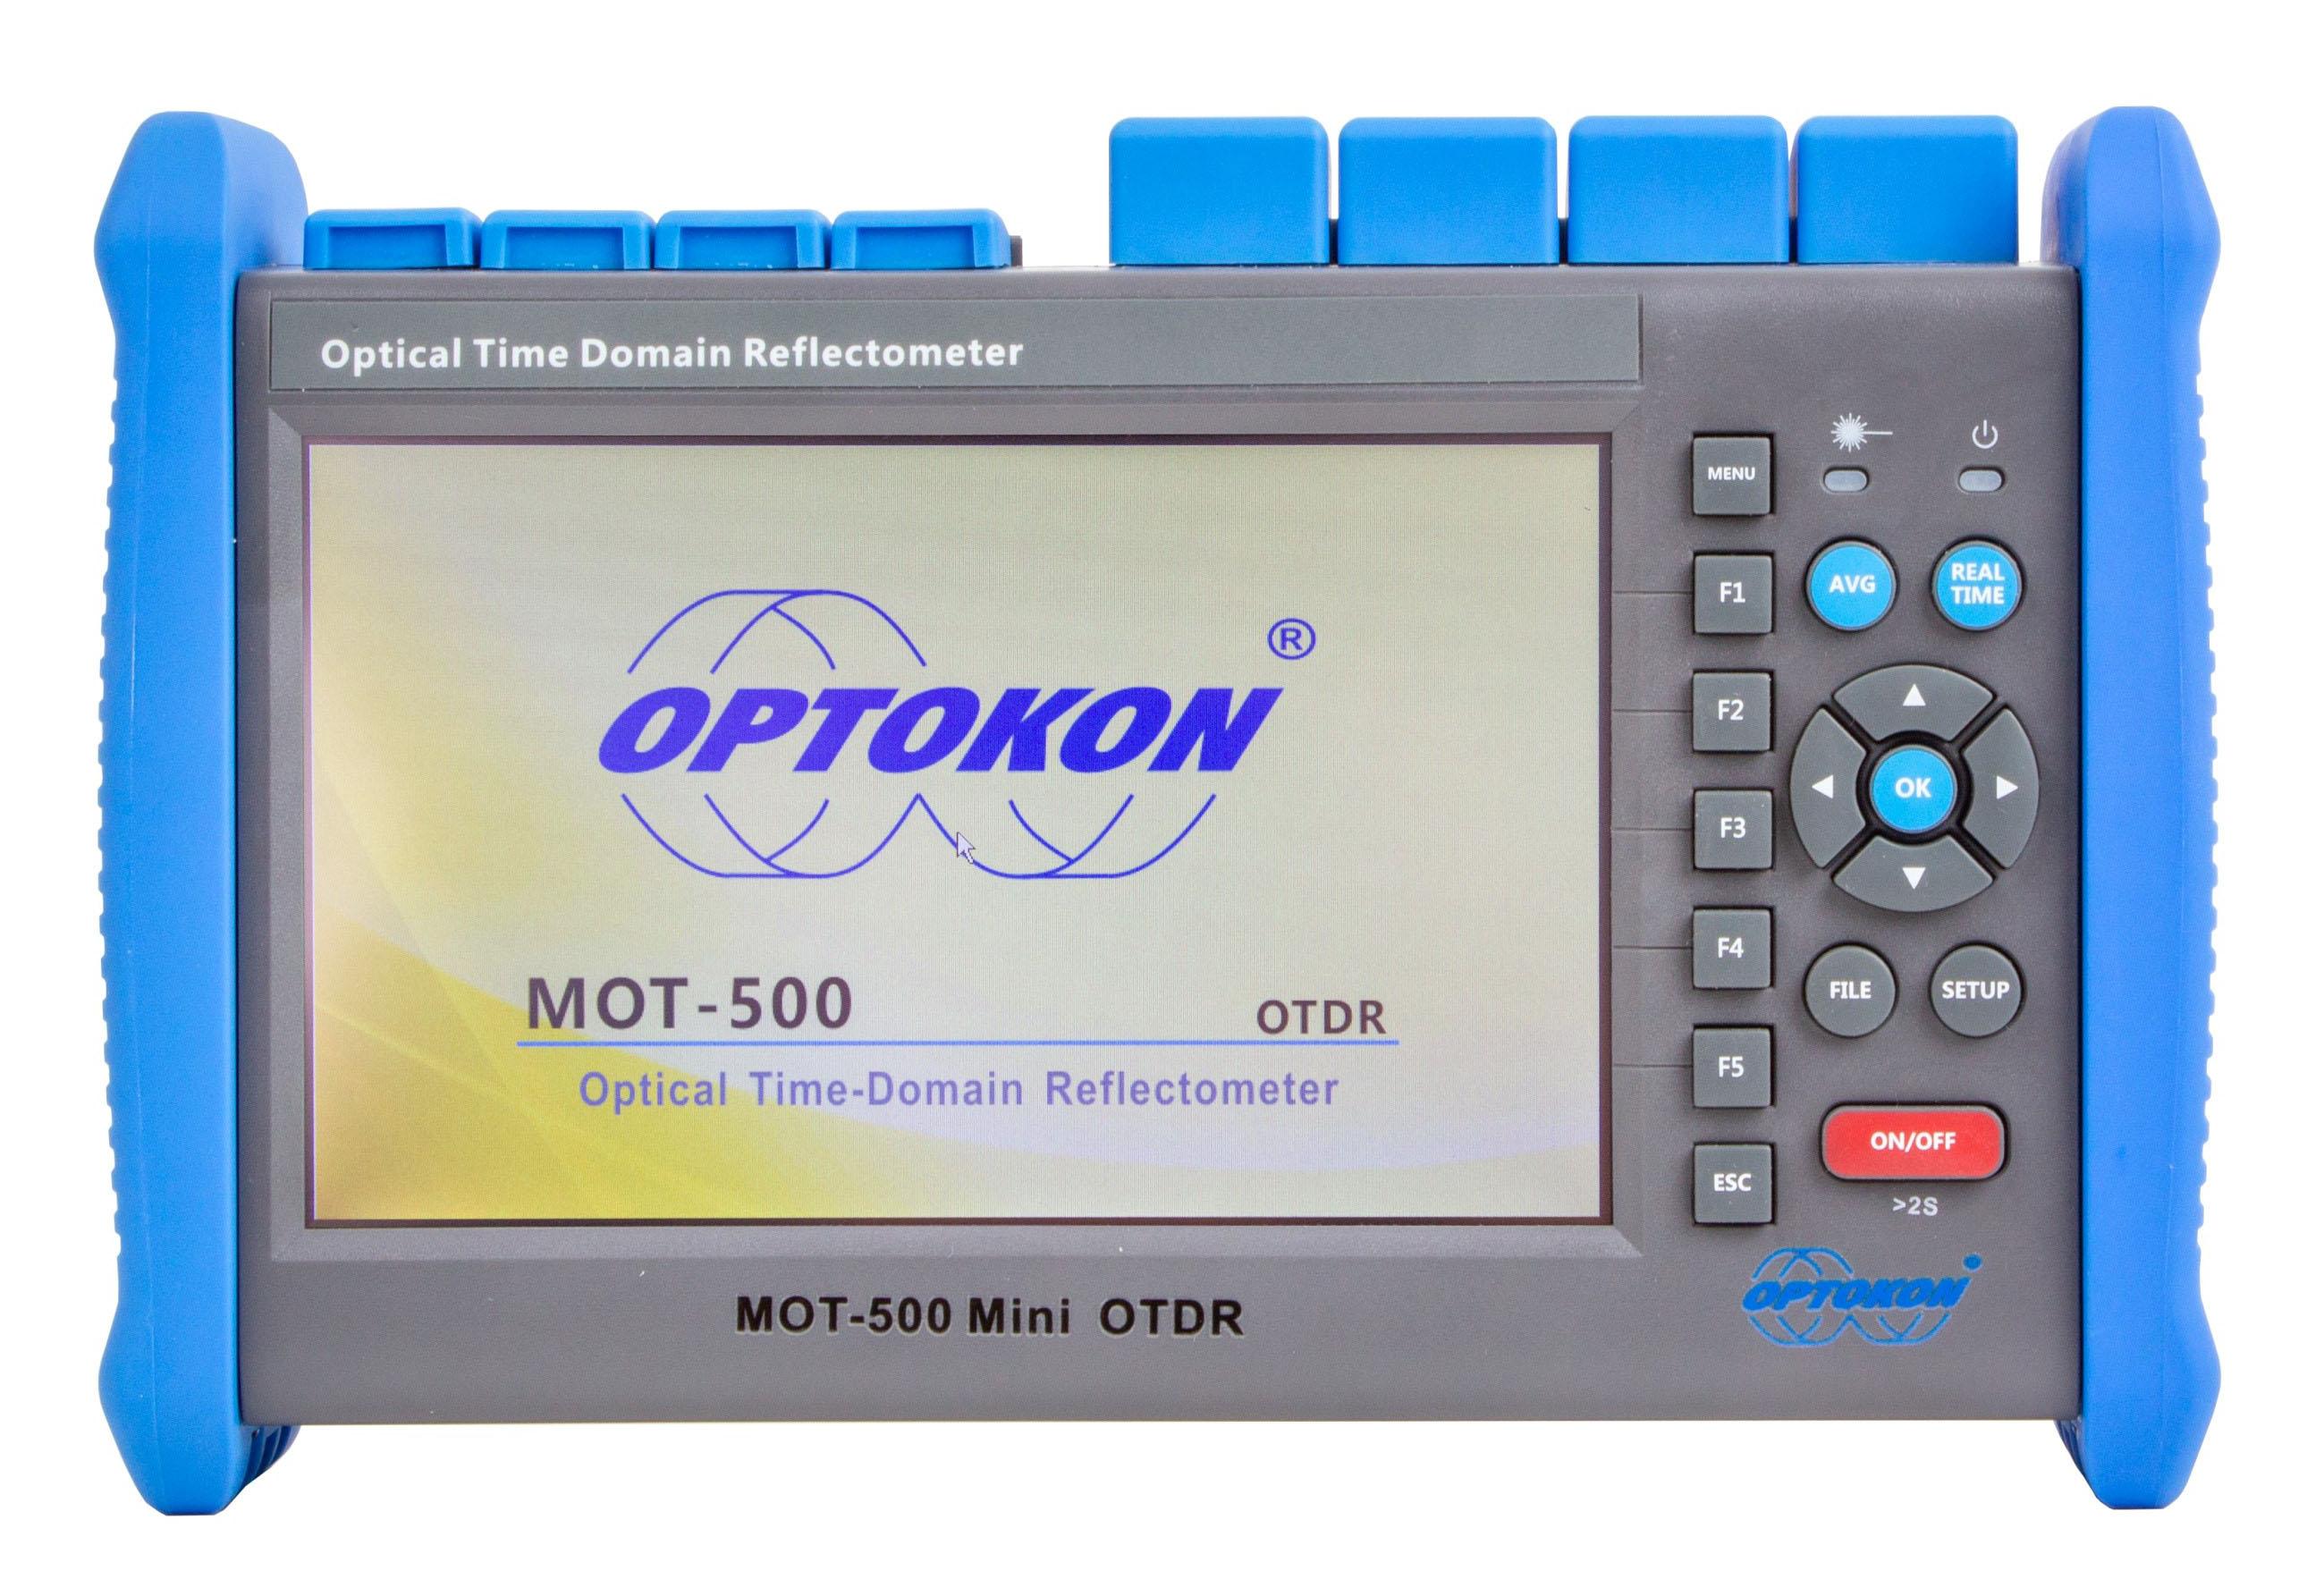 MOT-500 Mini OTDR series